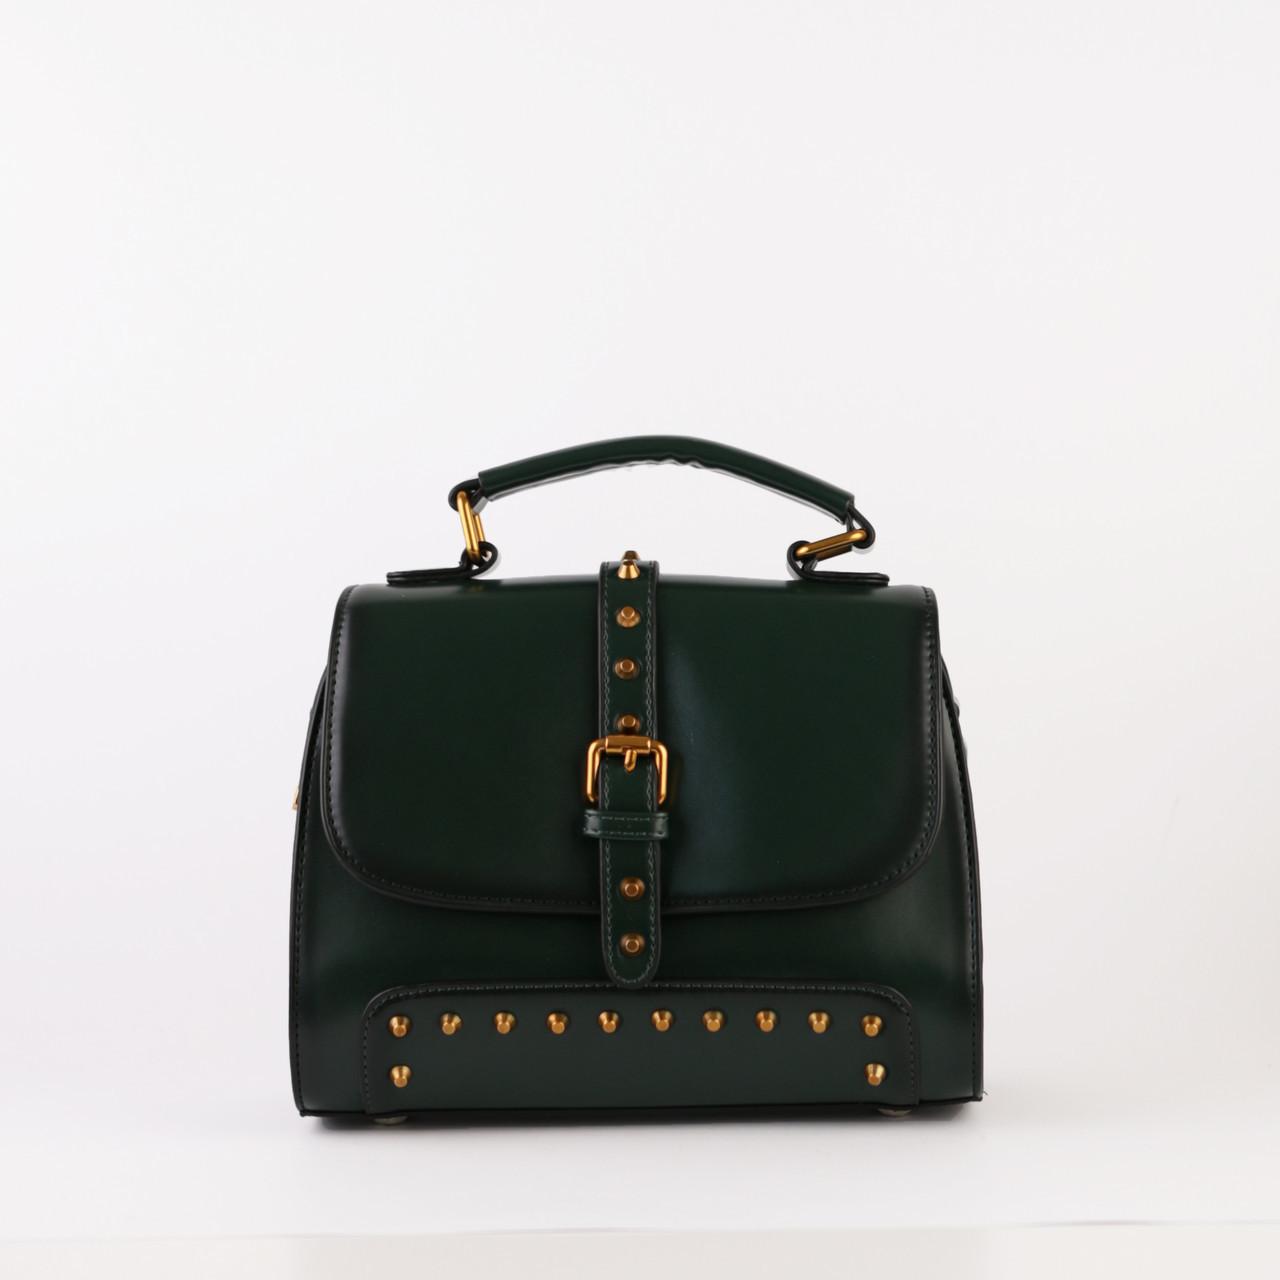 5cff4cfc7a3c Женская маленькая сумочка кожаная объемная зеленая купить по ...